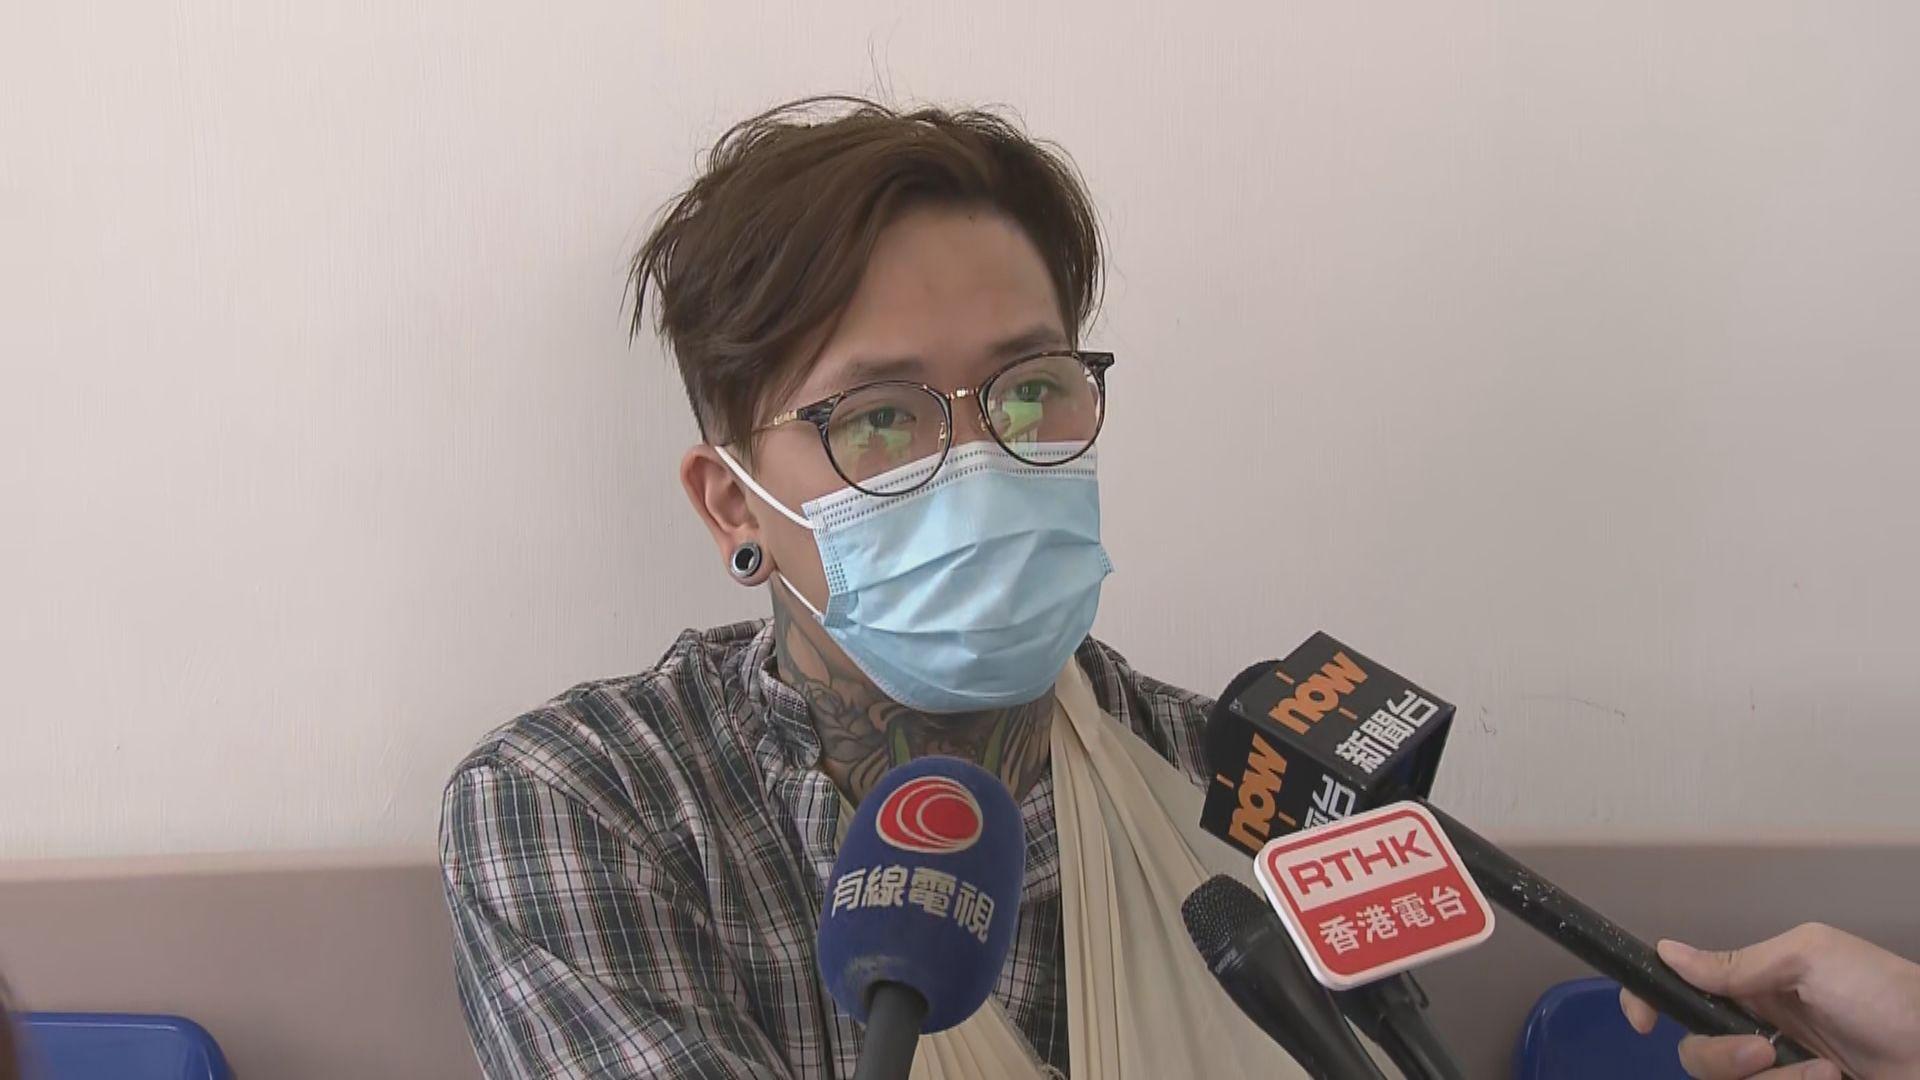 【粉嶺公路車禍】九巴派員醫院慰問受傷乘客